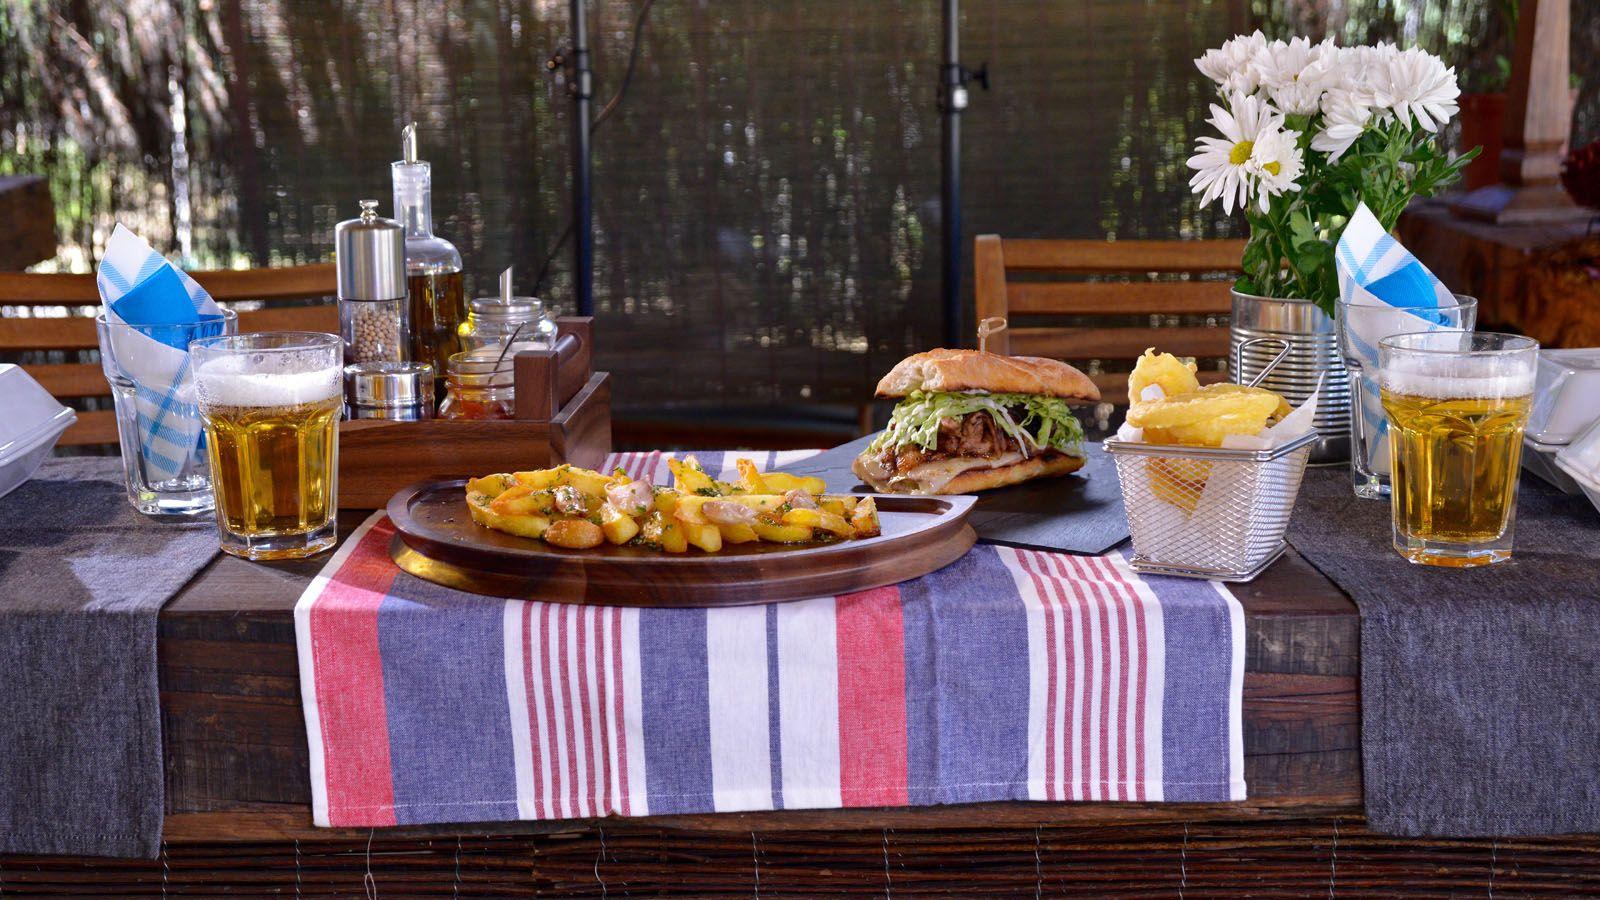 Cómo decorar una mesa para una cena informal con amigos | Amigos ...